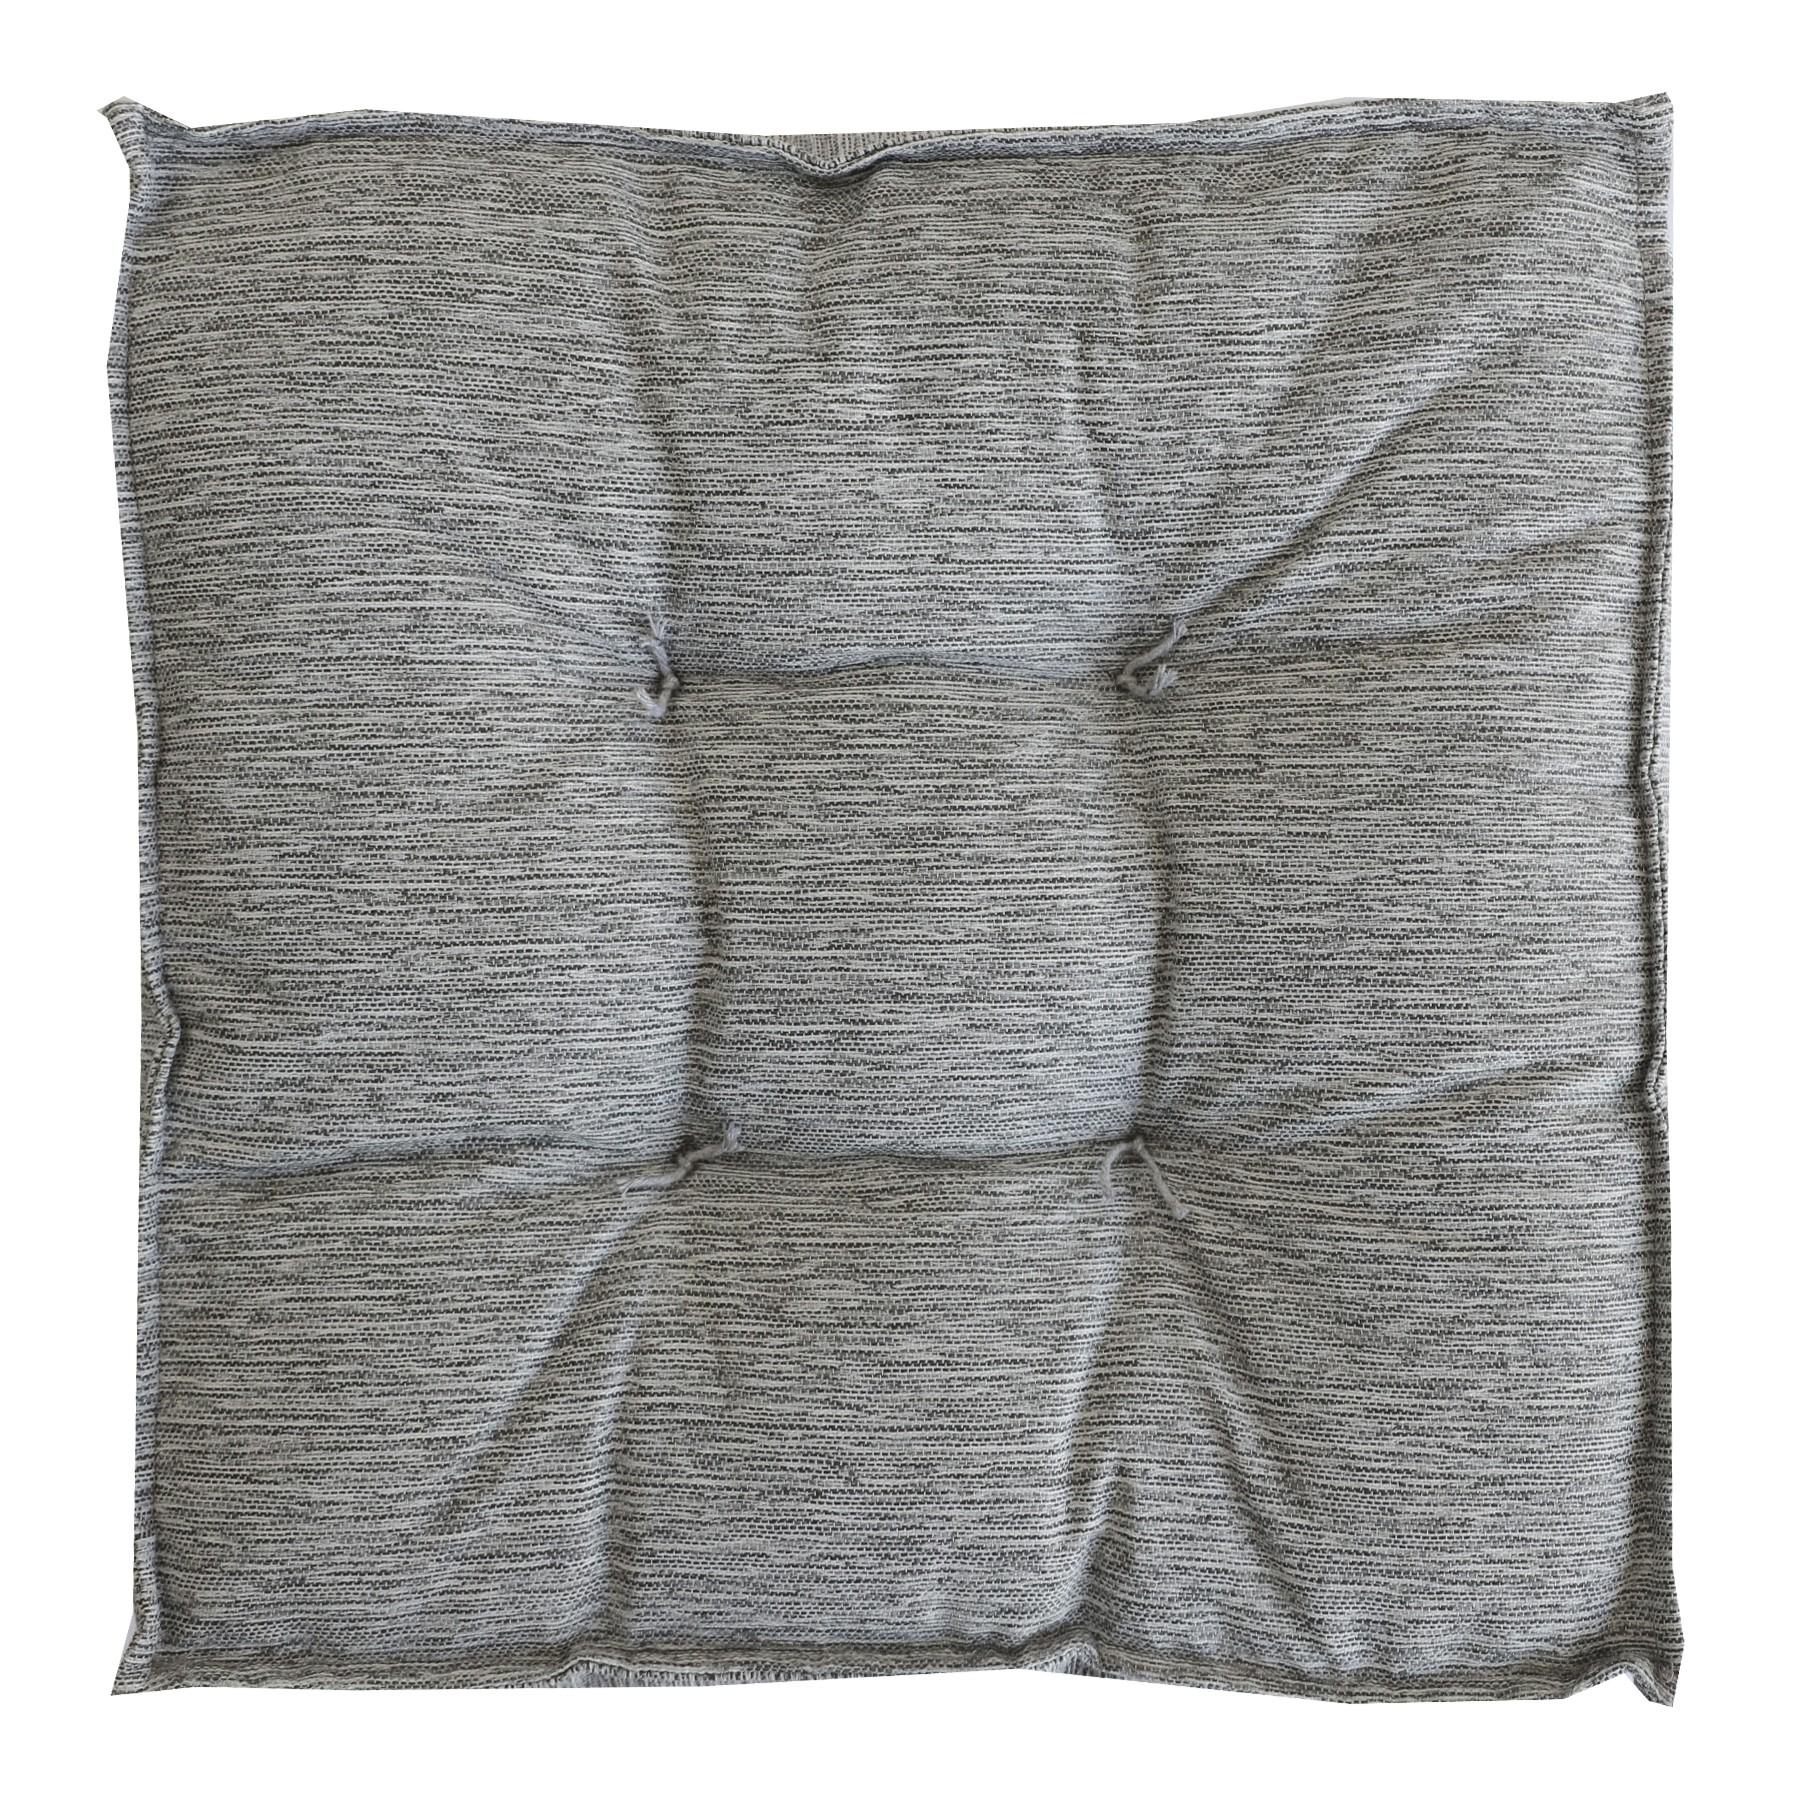 Almofada Futton Linho 45 x 45 cm 02181006 - Madritex